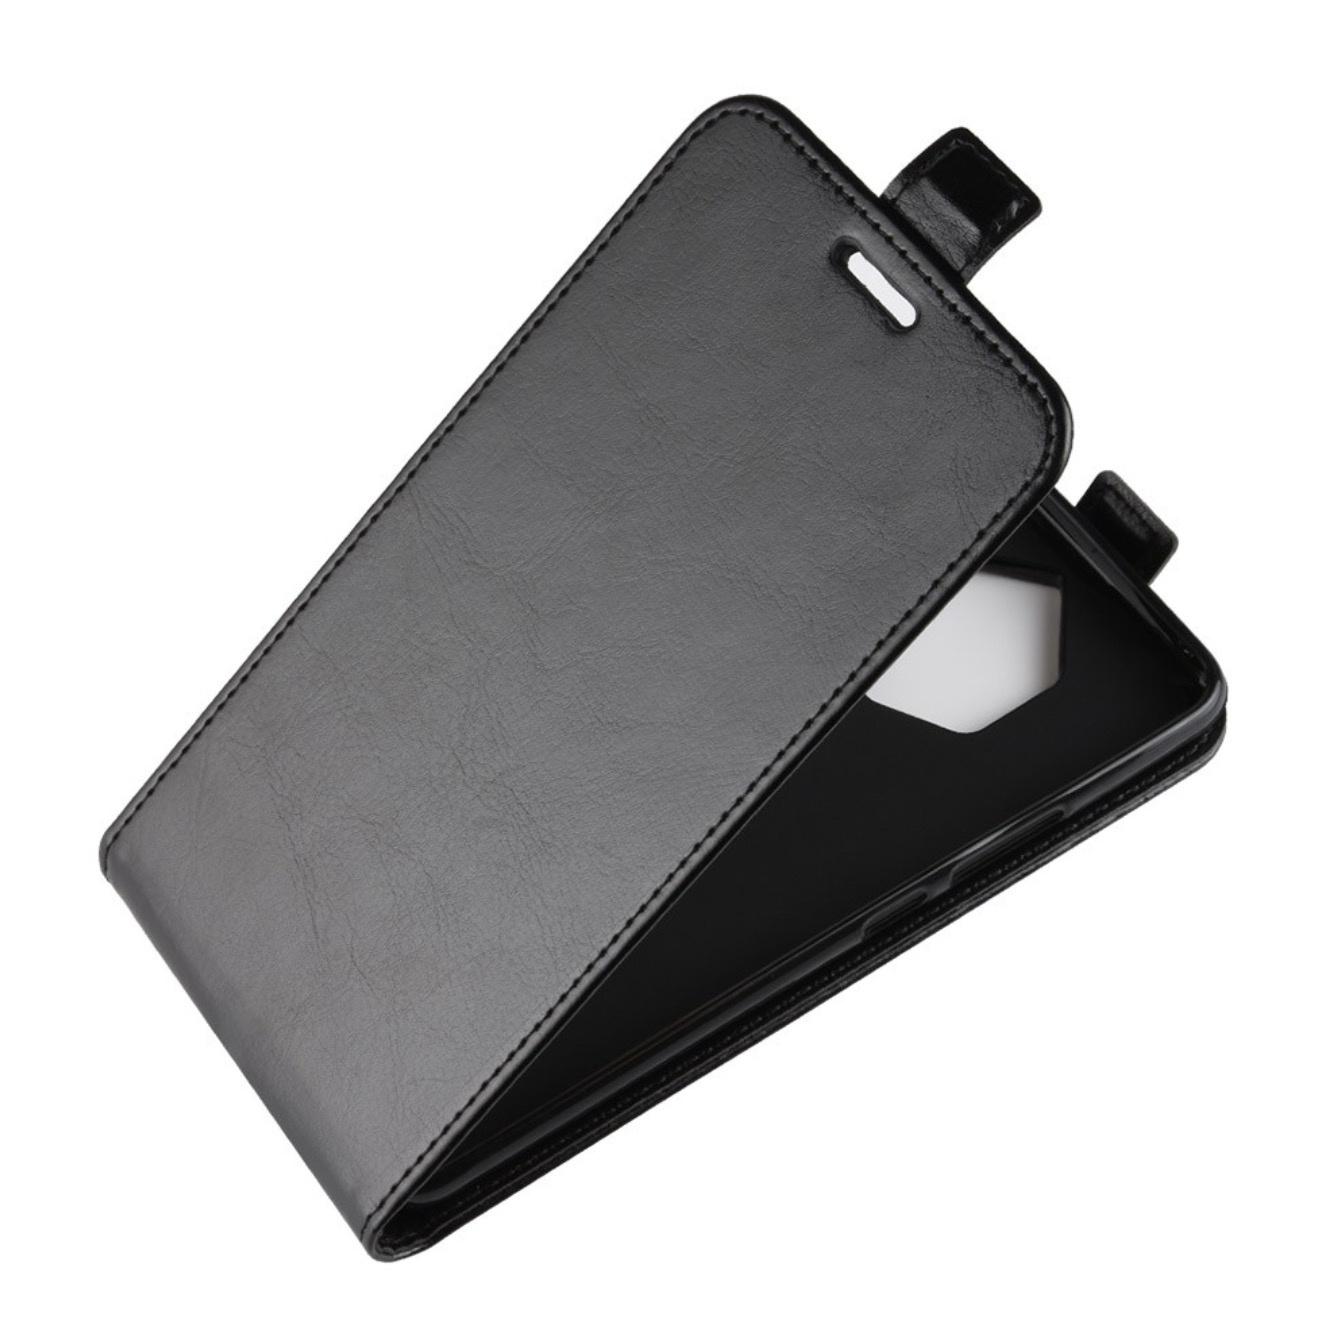 Чехол-флип MyPads для HTC Bolt/HTC Desire 10/ Desire 10 Lifestylle вертикальный откидной черный